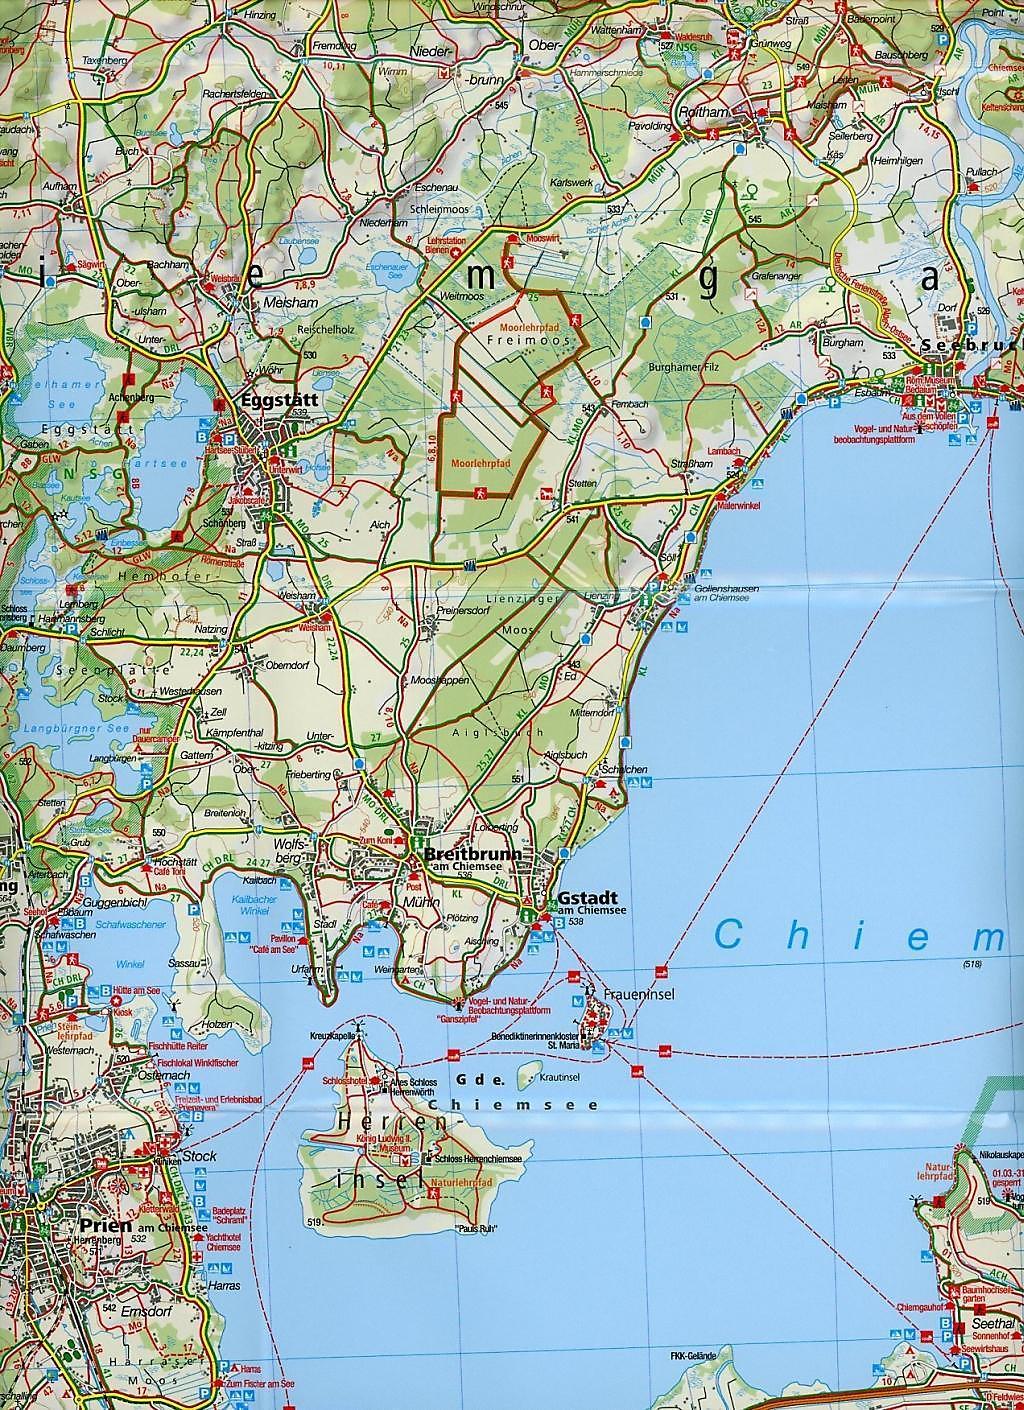 Chiemsee Karte.Kompass Karte Chiemsee Chiemgauer Alpen Buch Weltbild De